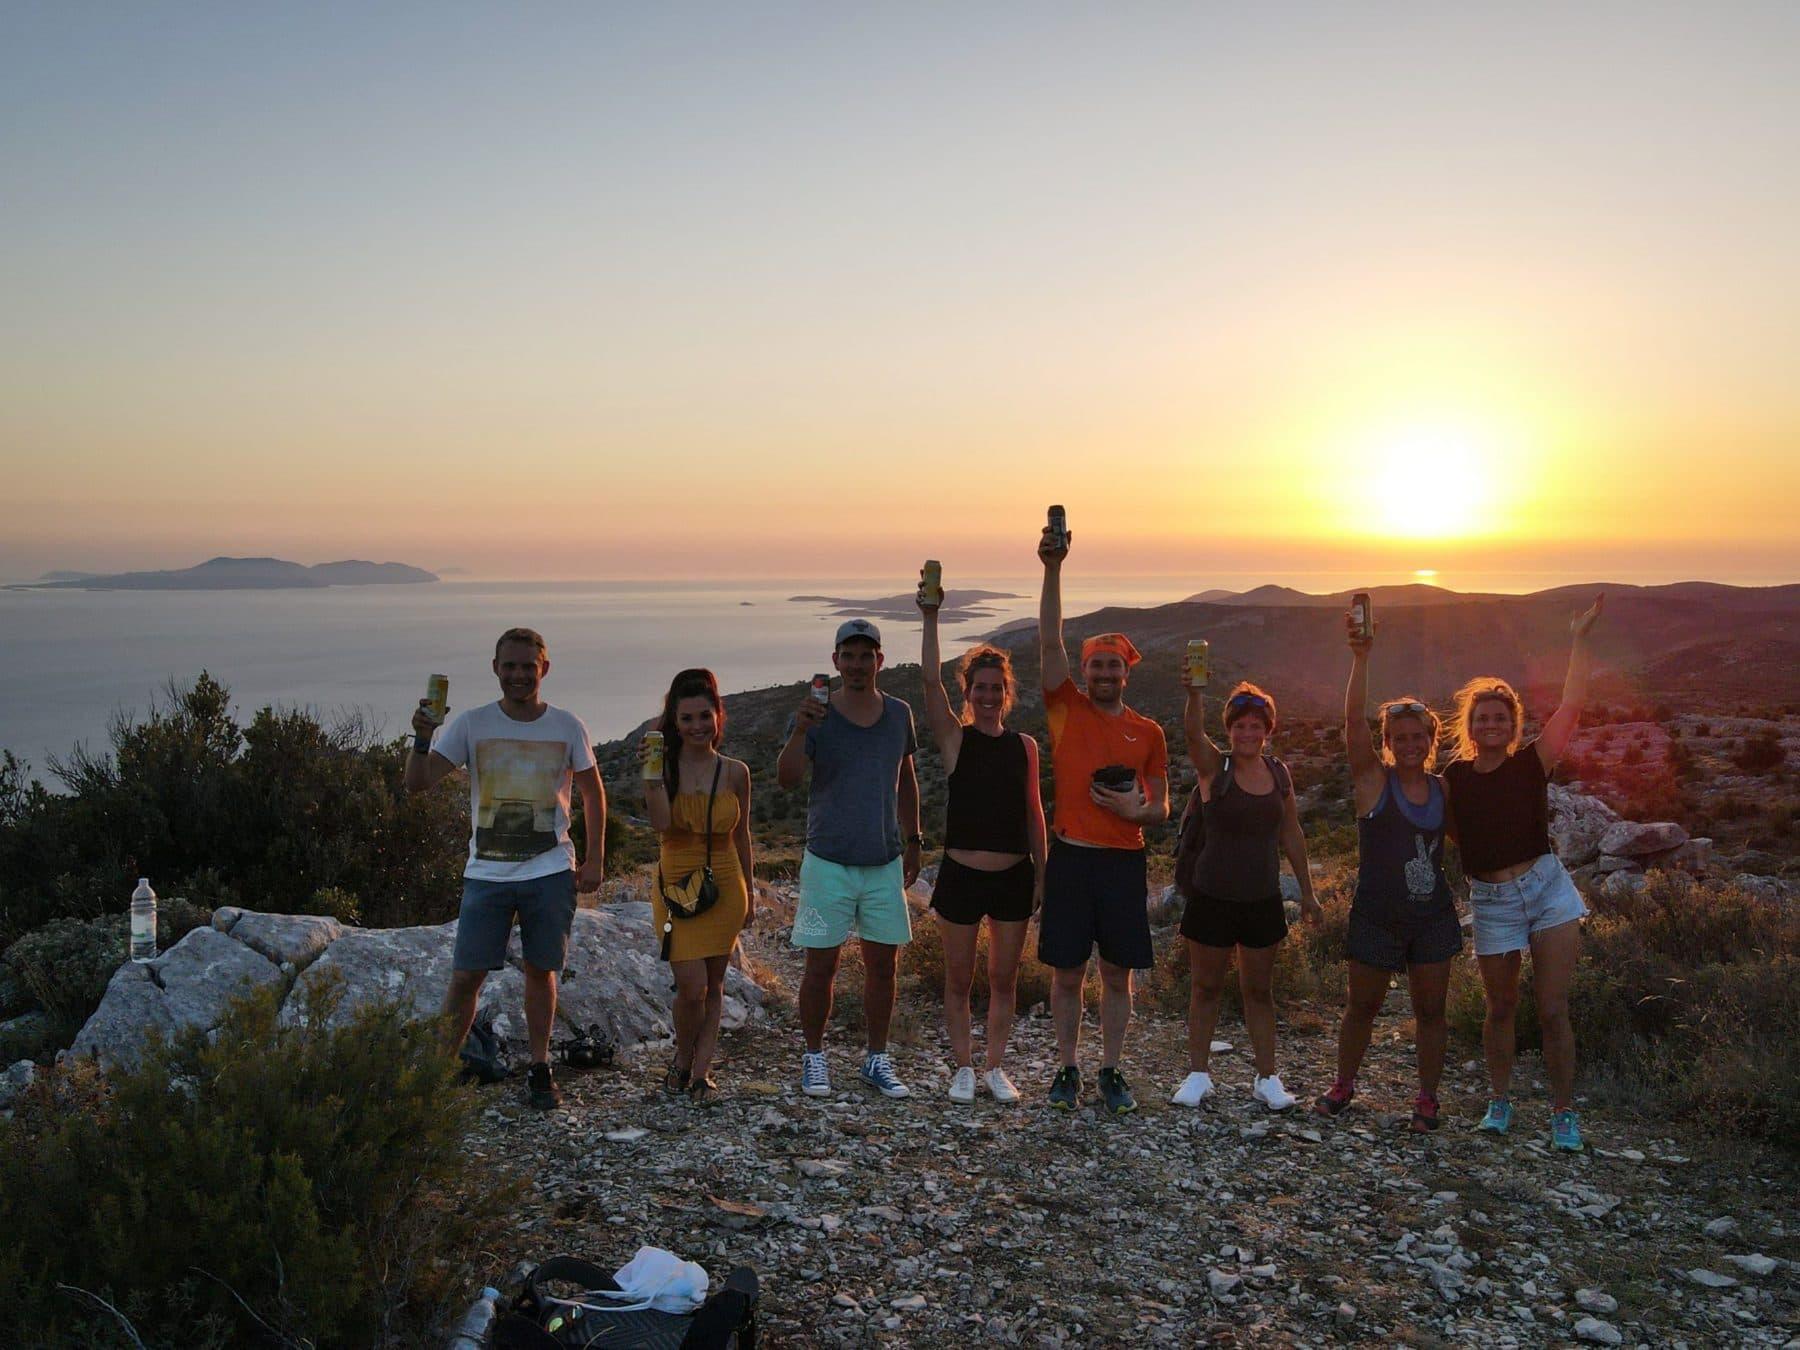 junge Crew auf ihrem Landausflug bestaunen den Sonnenuntergang im Urlaub mit sailwithus